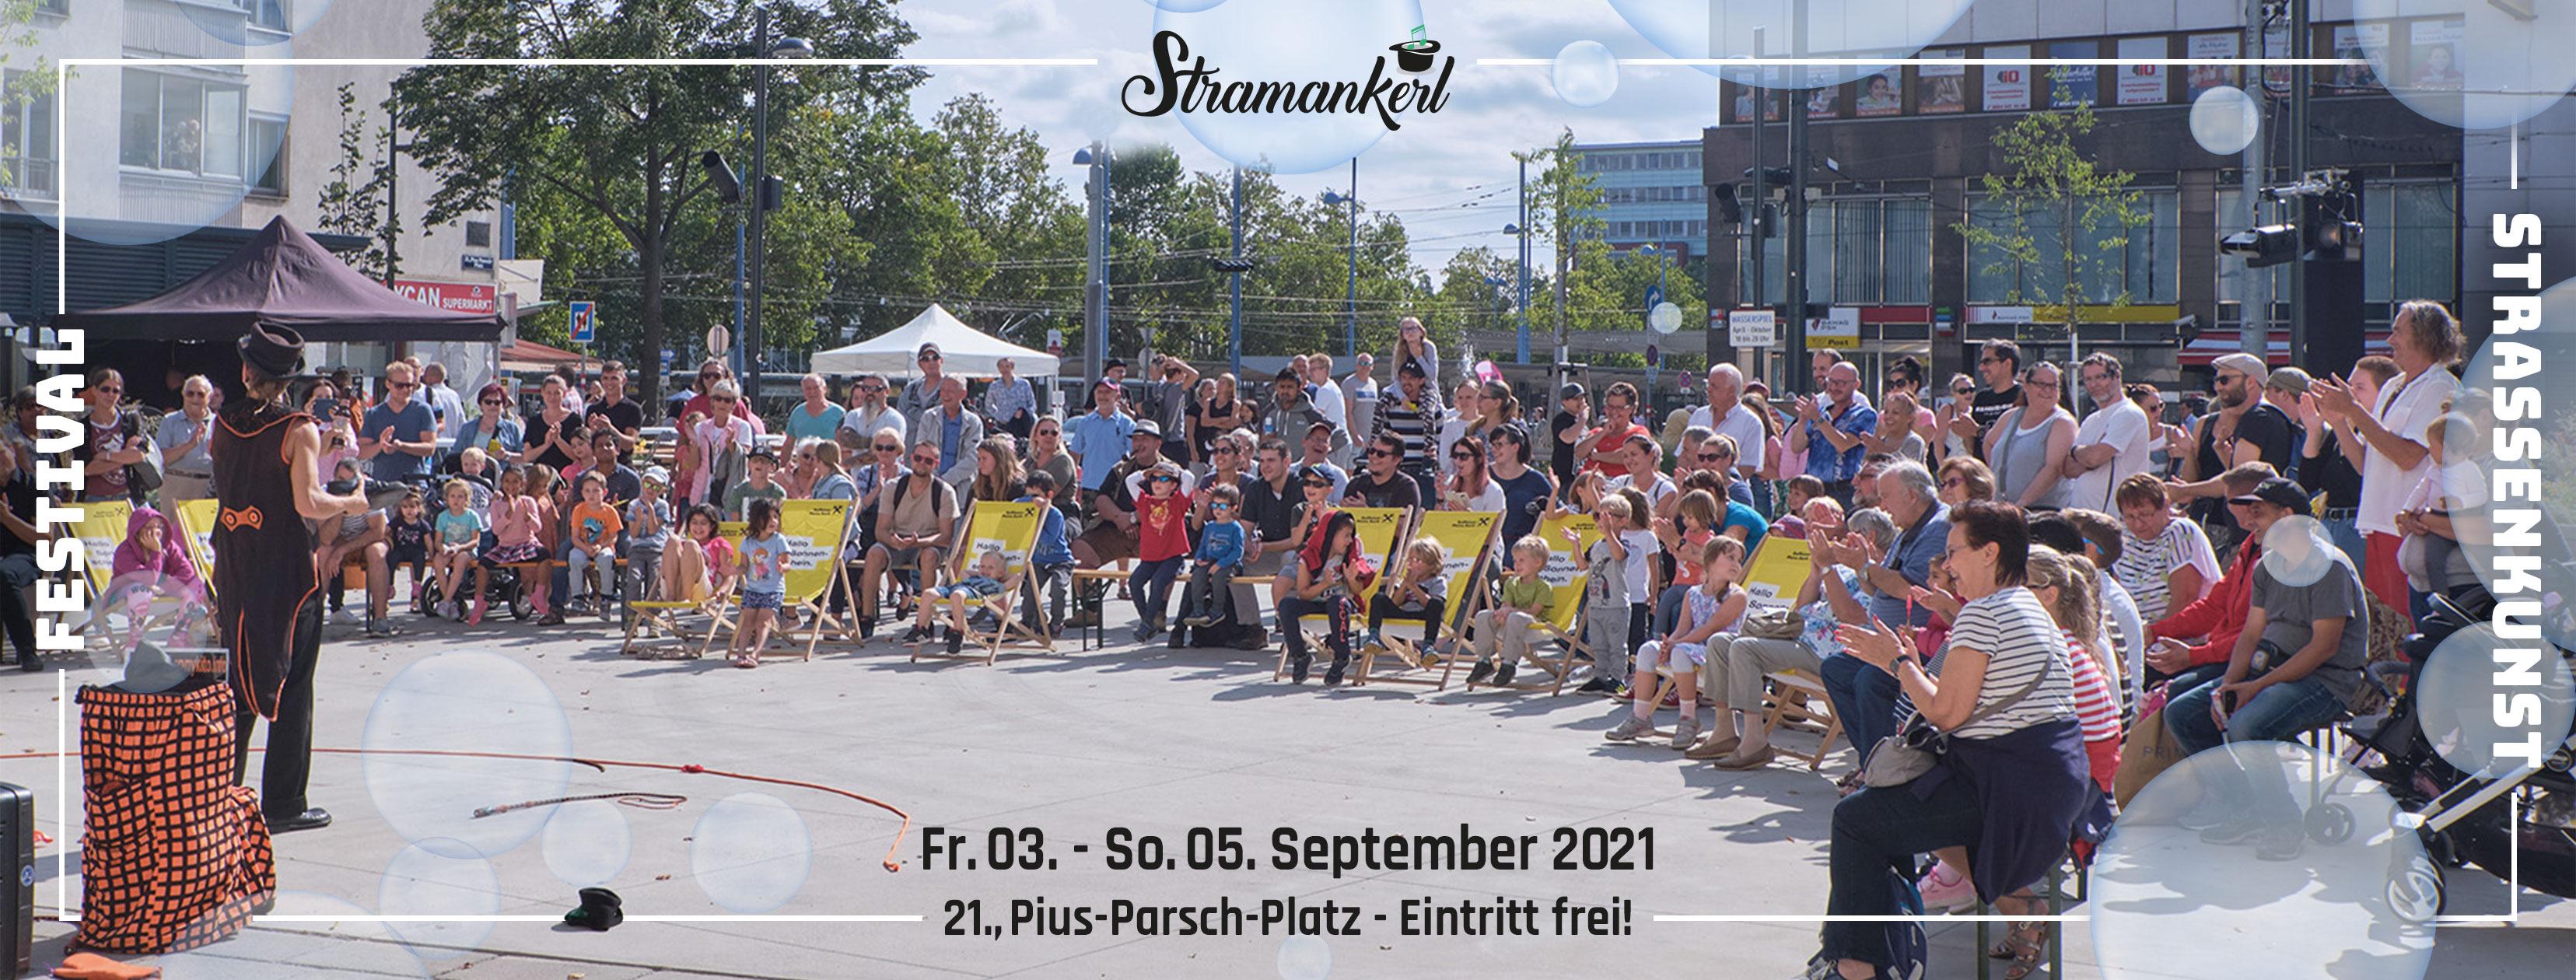 Stramankerl - Floridsdorfer Straßenkunst Festival Fr. 03. - So. 05.09.2020